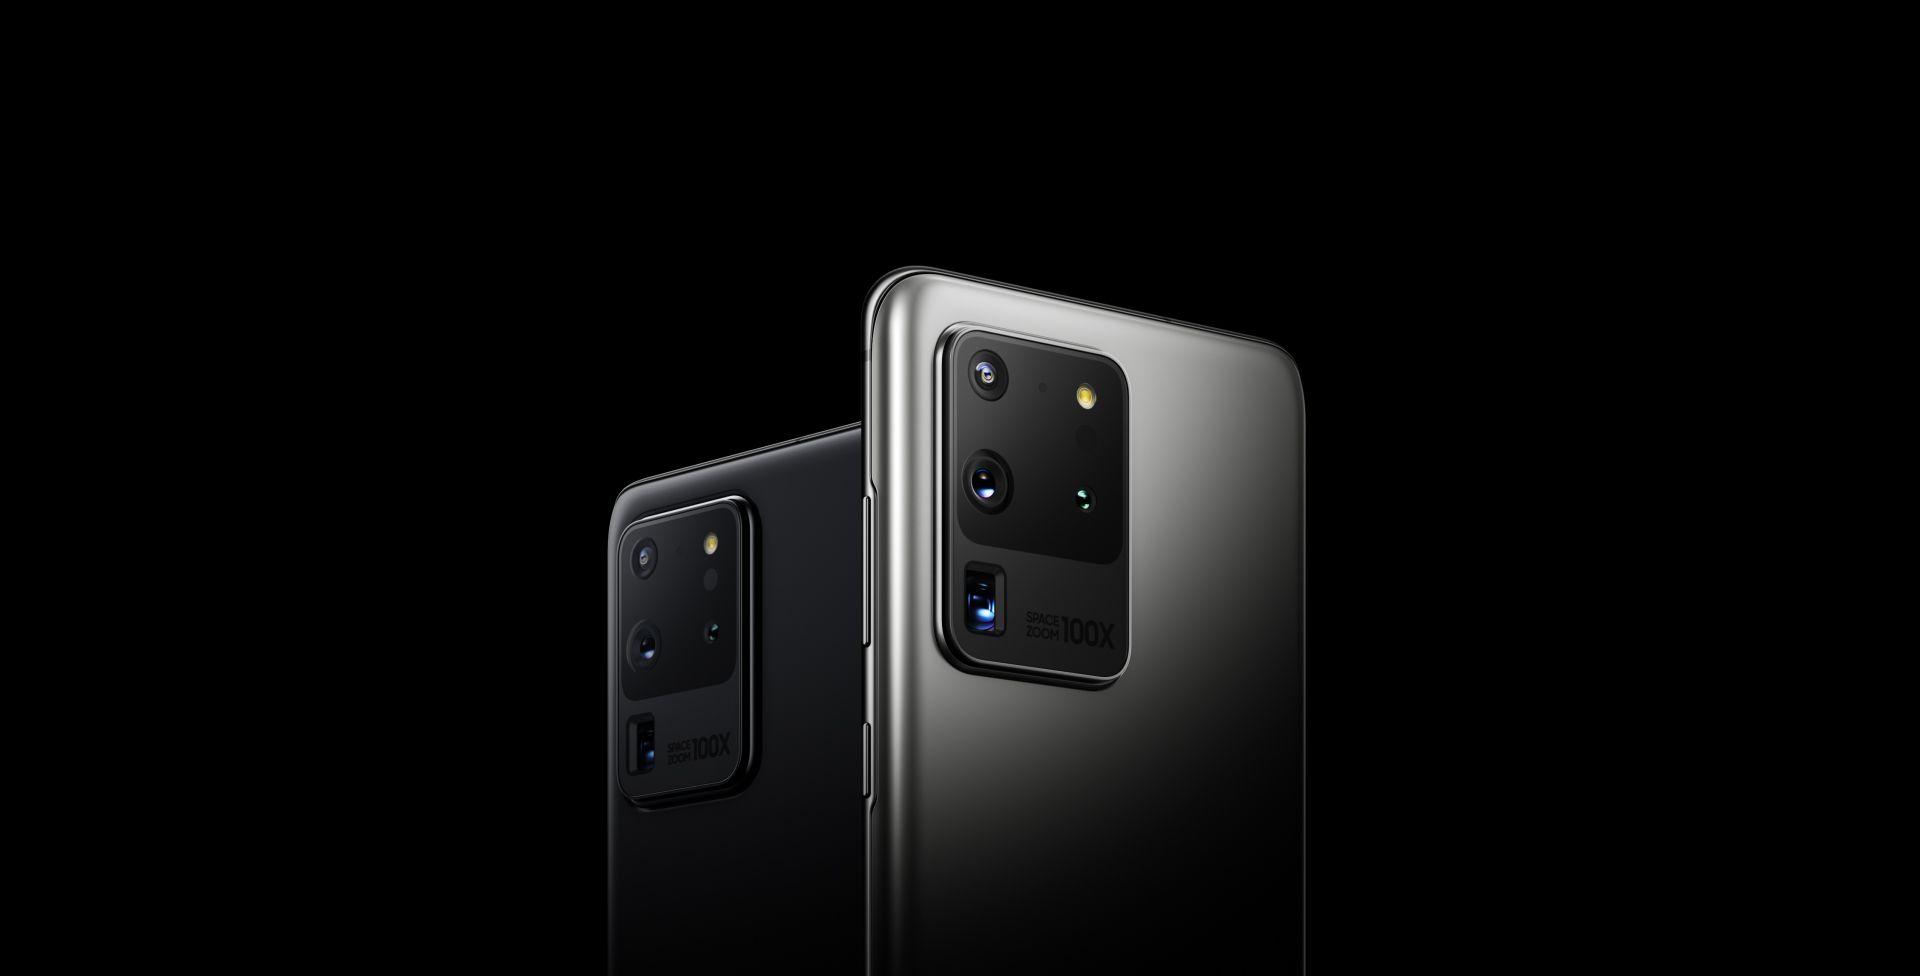 Samsung Galaxy S20 Ultra 8K